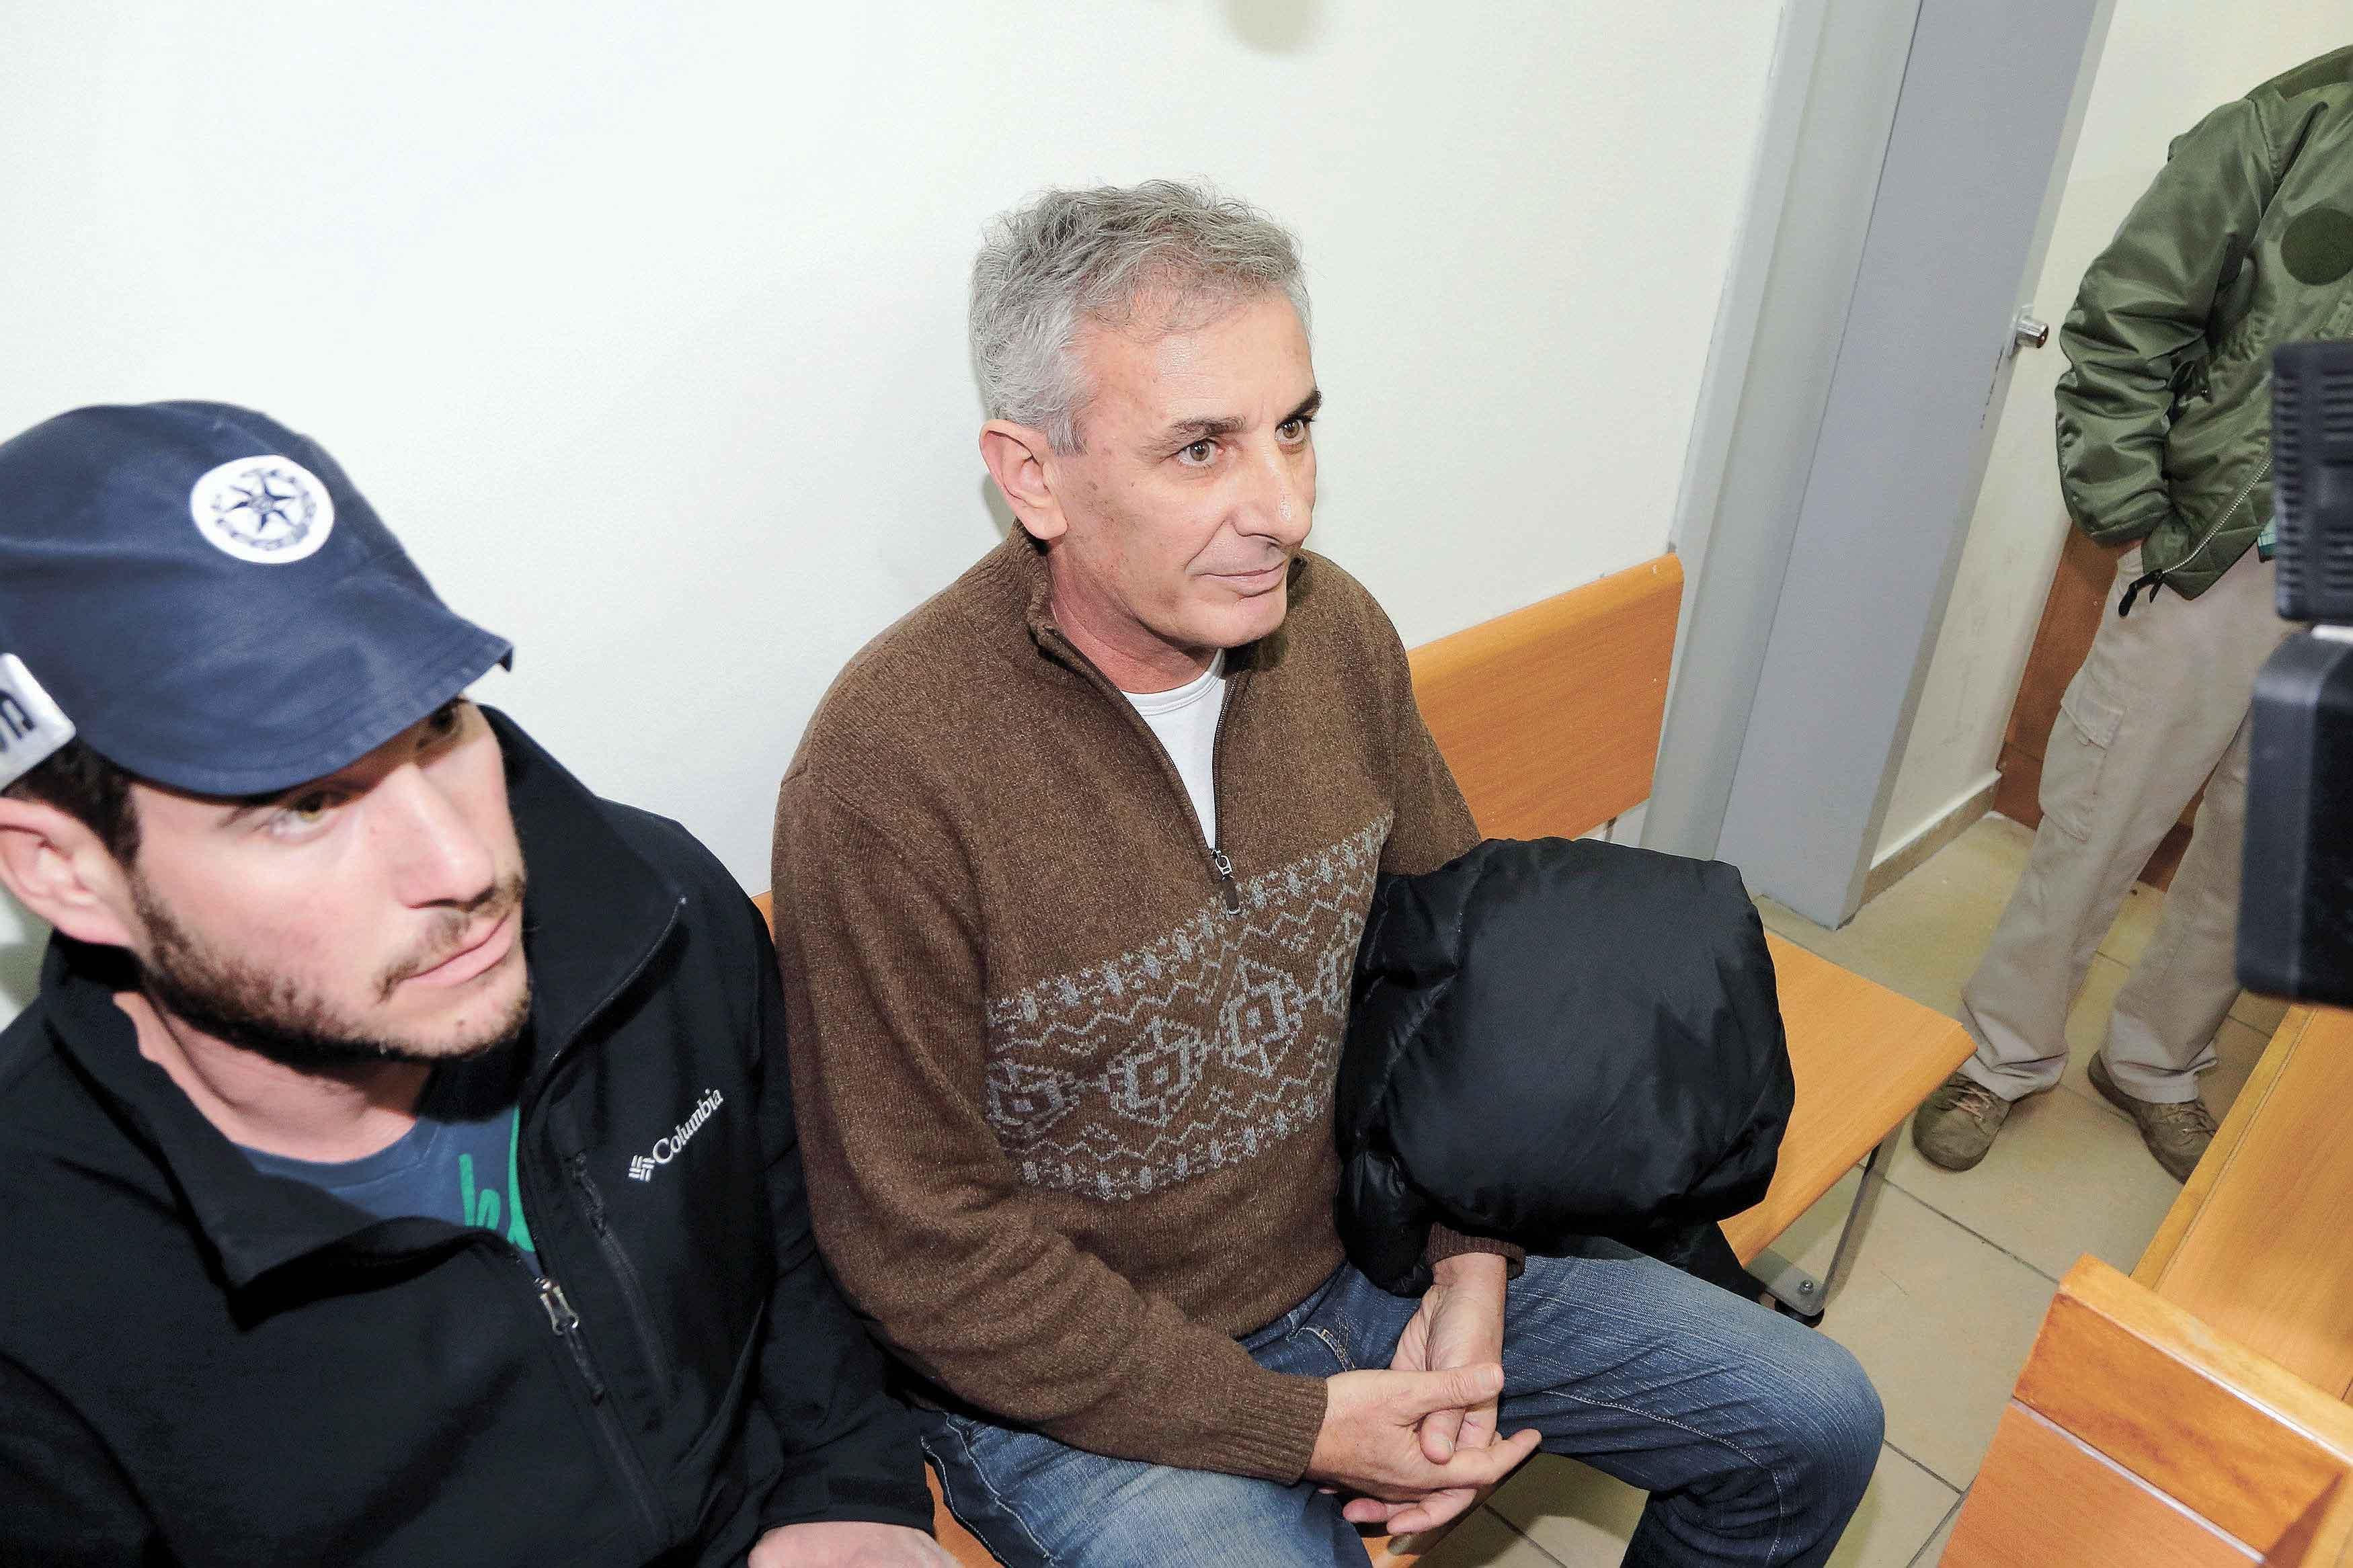 יהודה בן חמו בהארכת המעצר בפברואר. צילום עזרא לוי